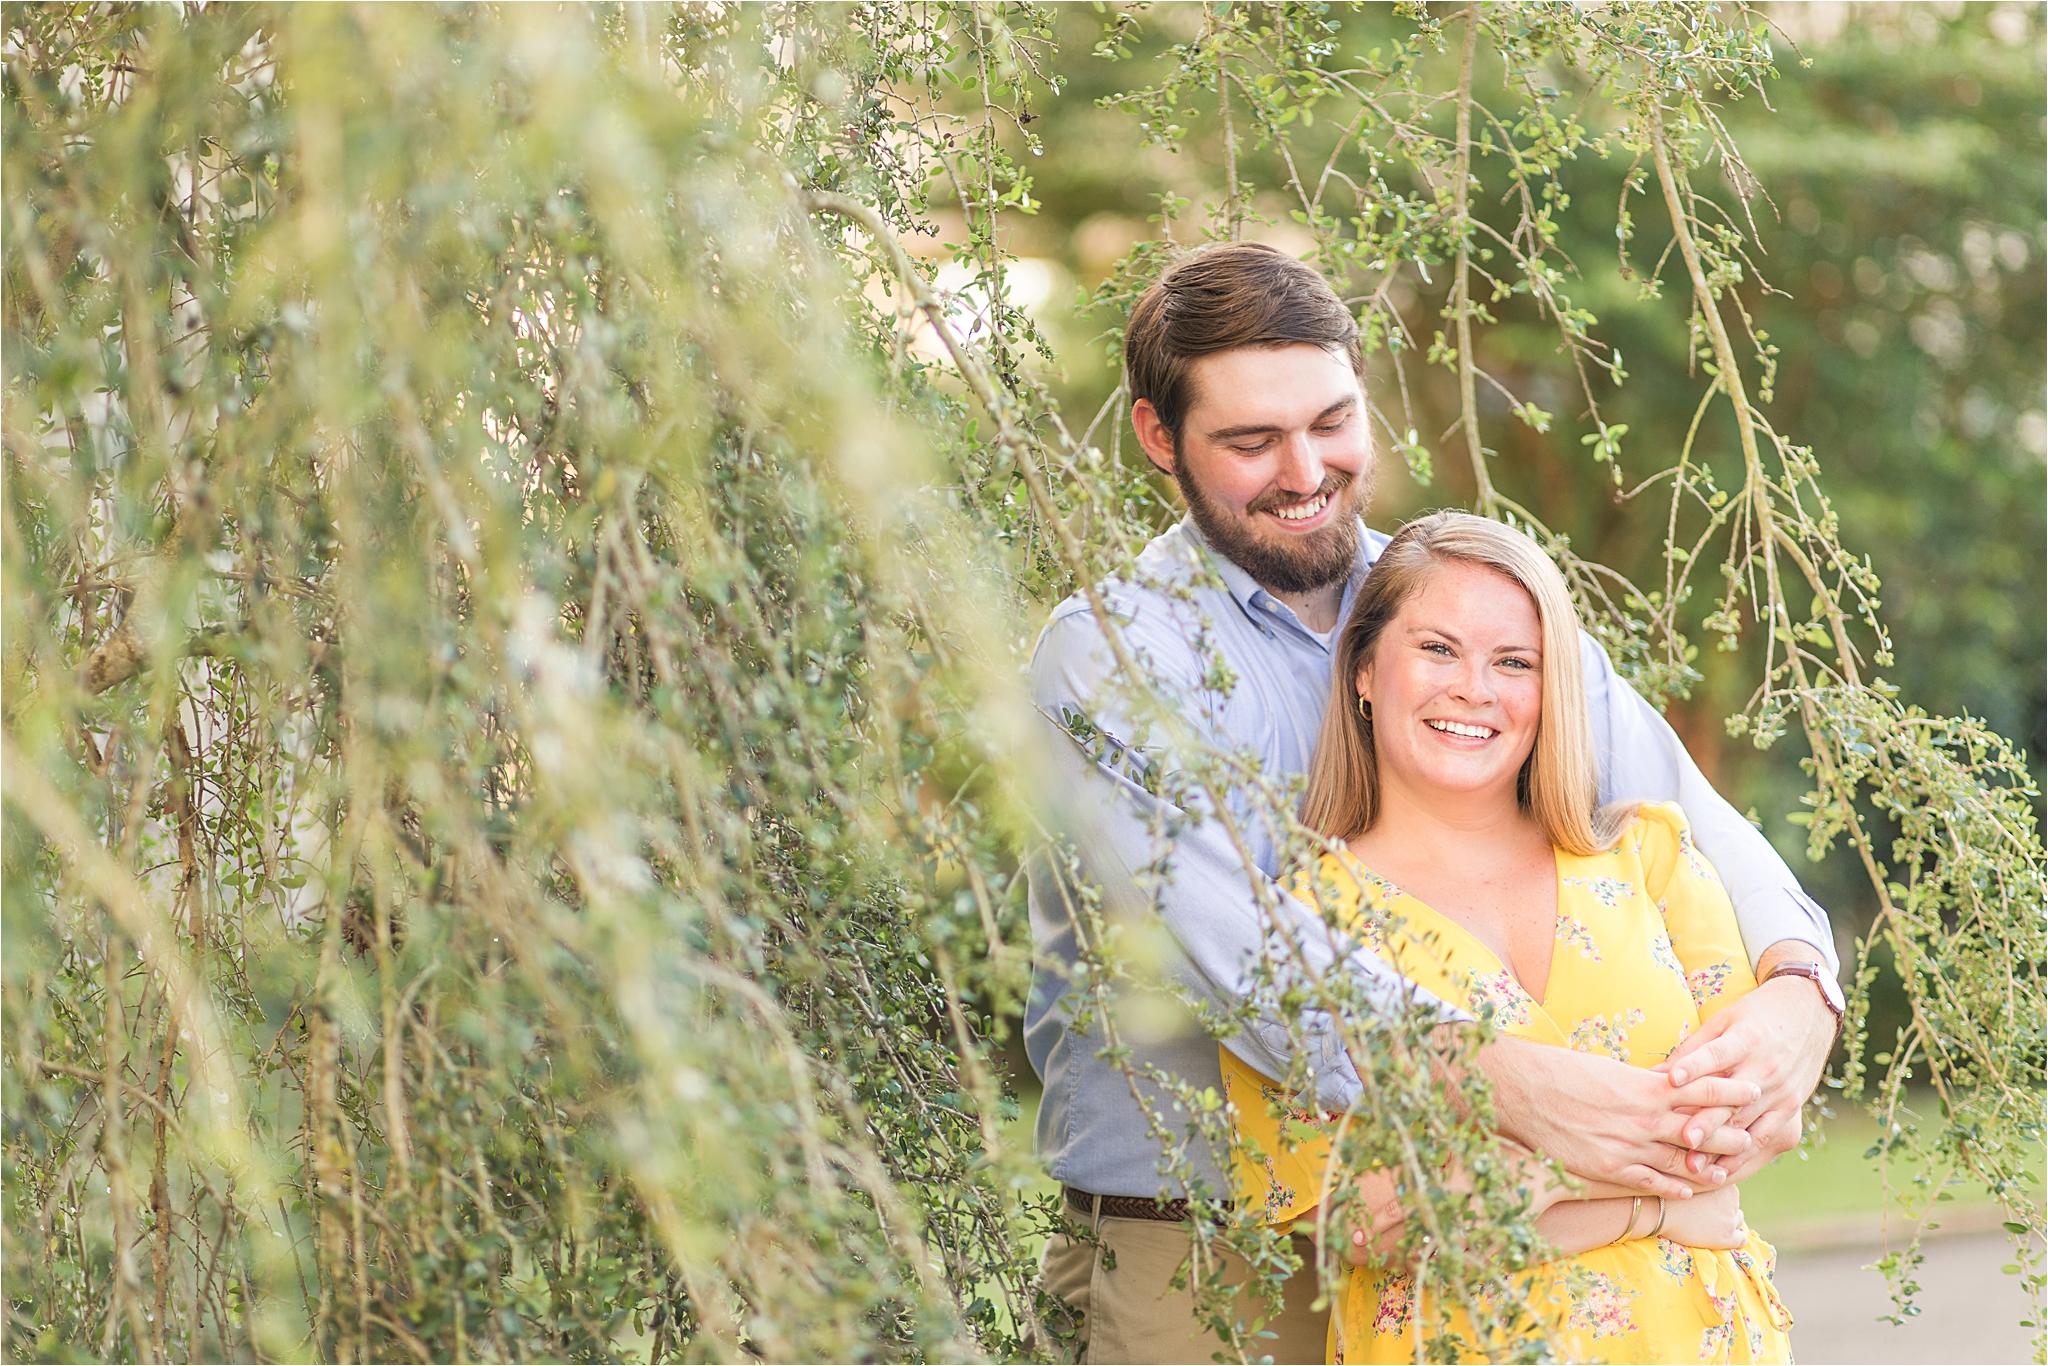 St. Joseph Chapel Engagement Photos | Erin + Wes